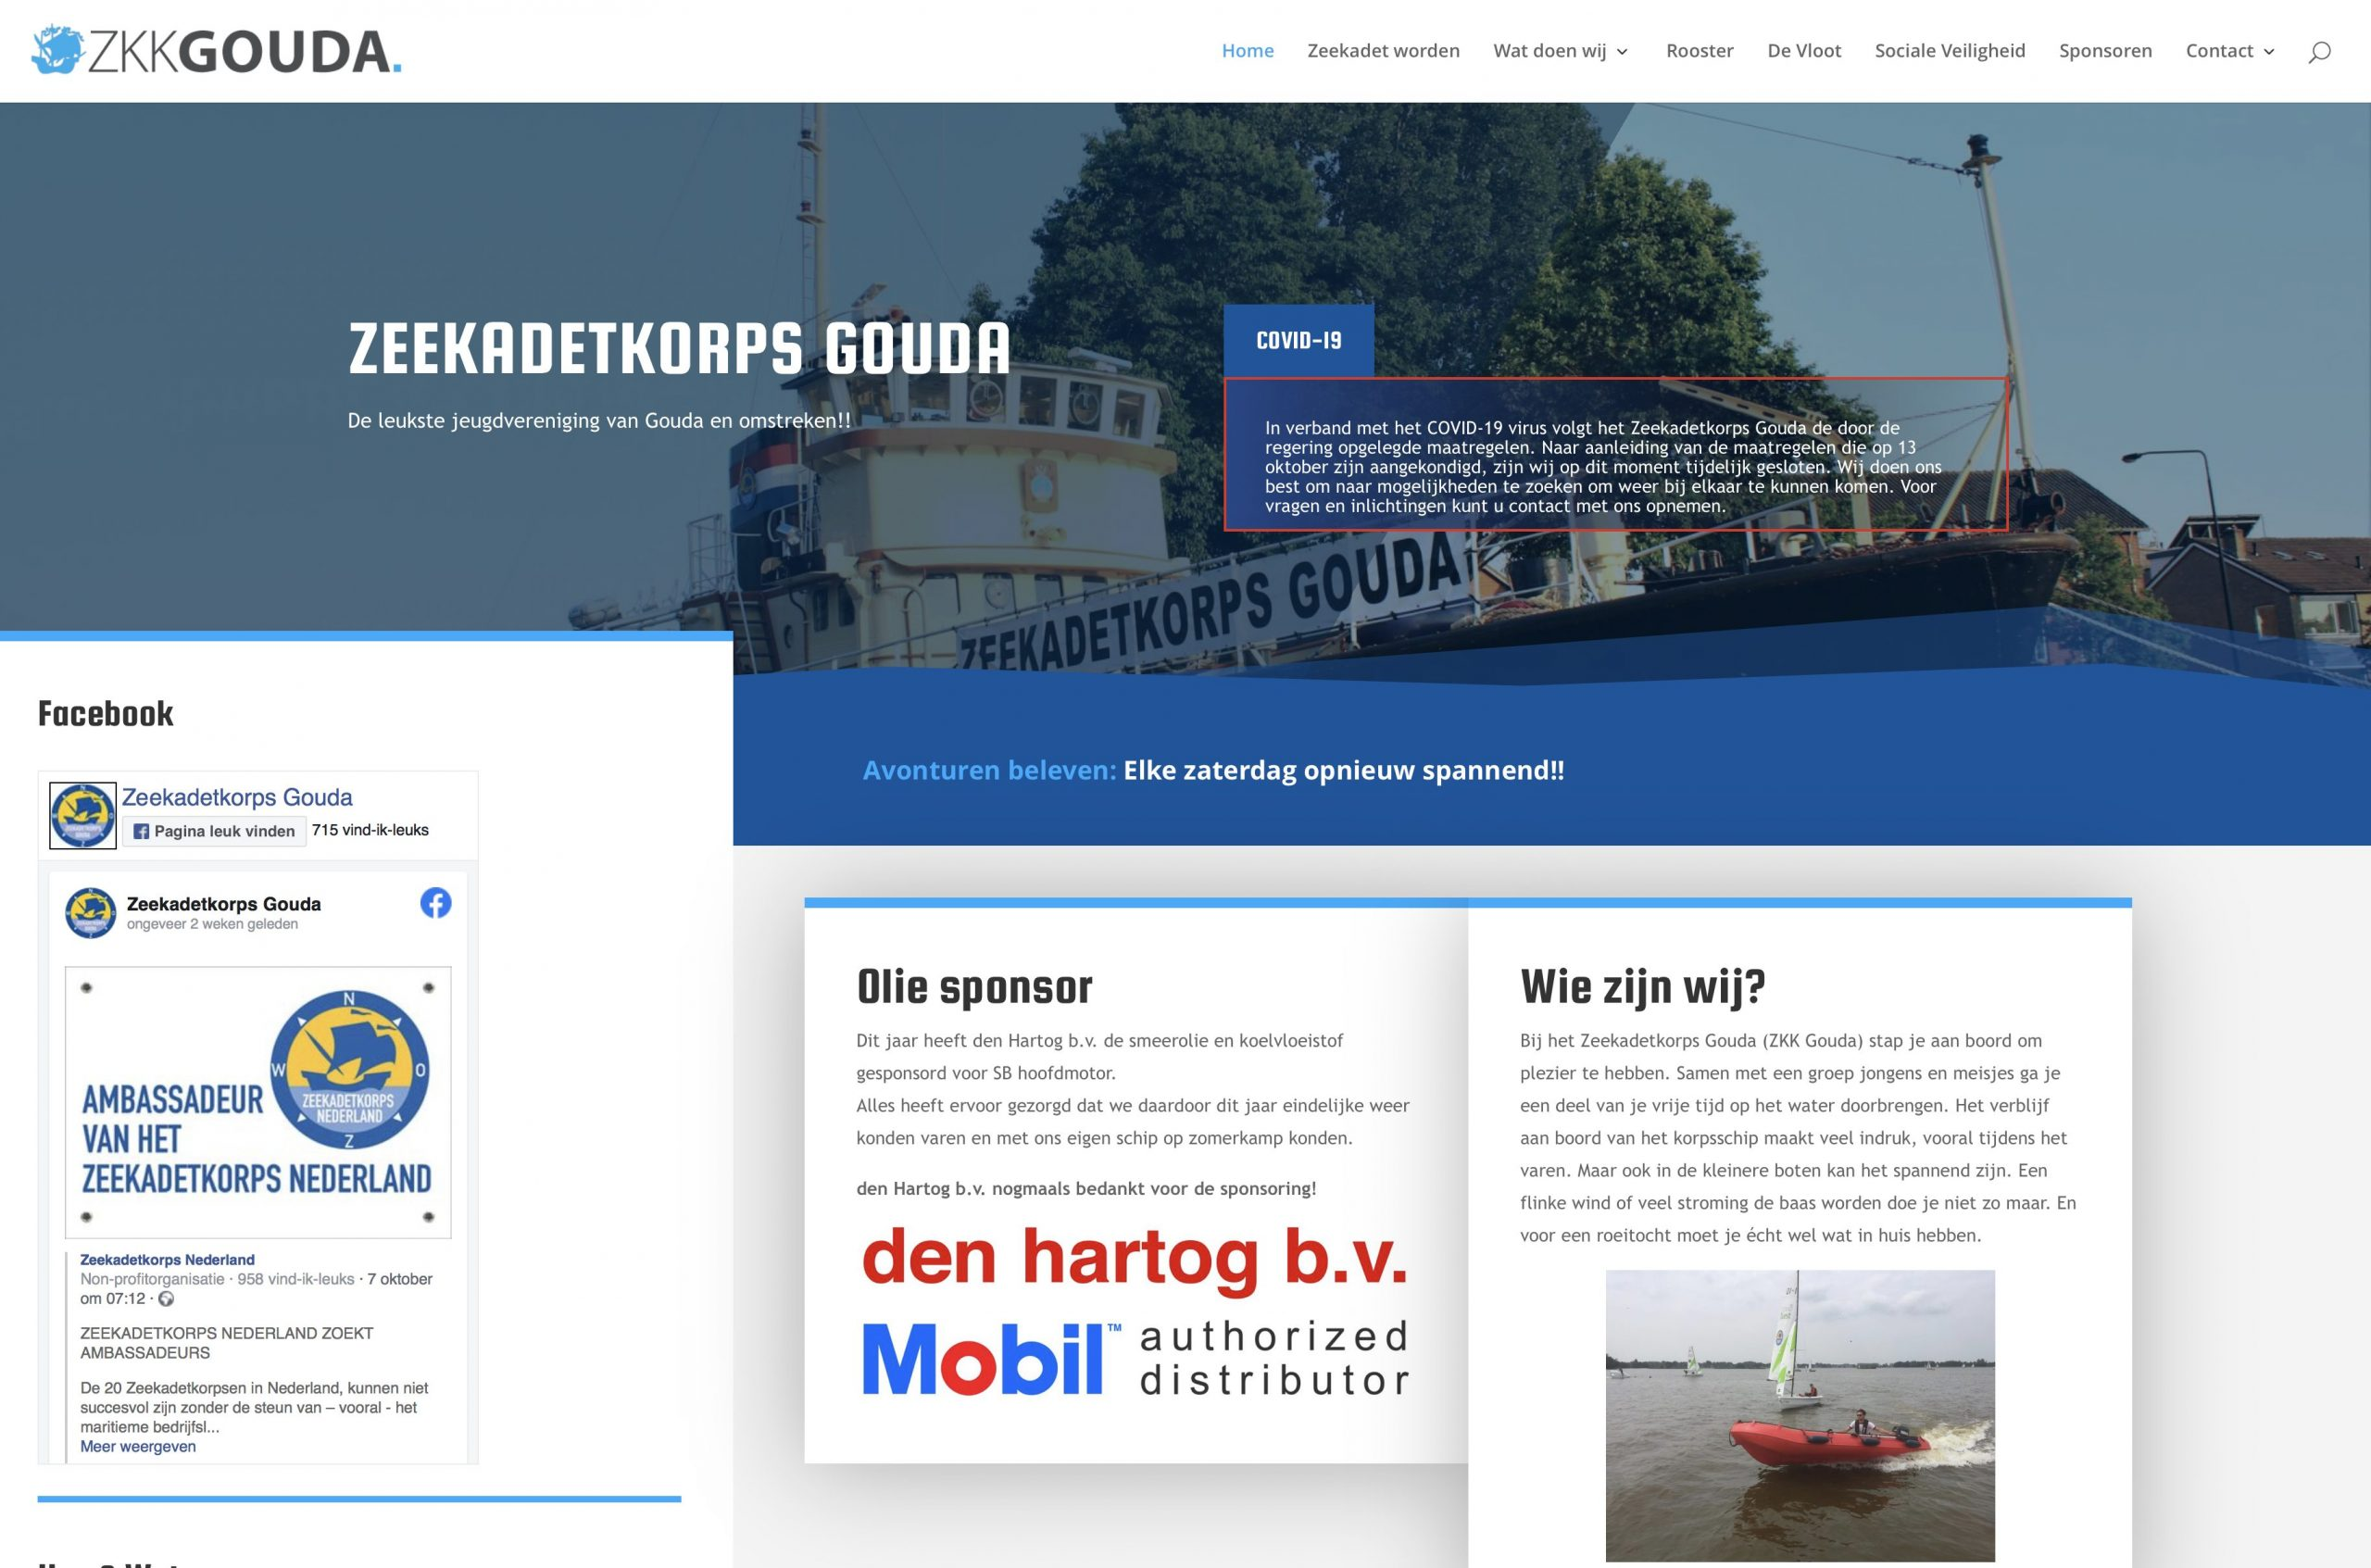 Historie Zeekadetkorps Nederland